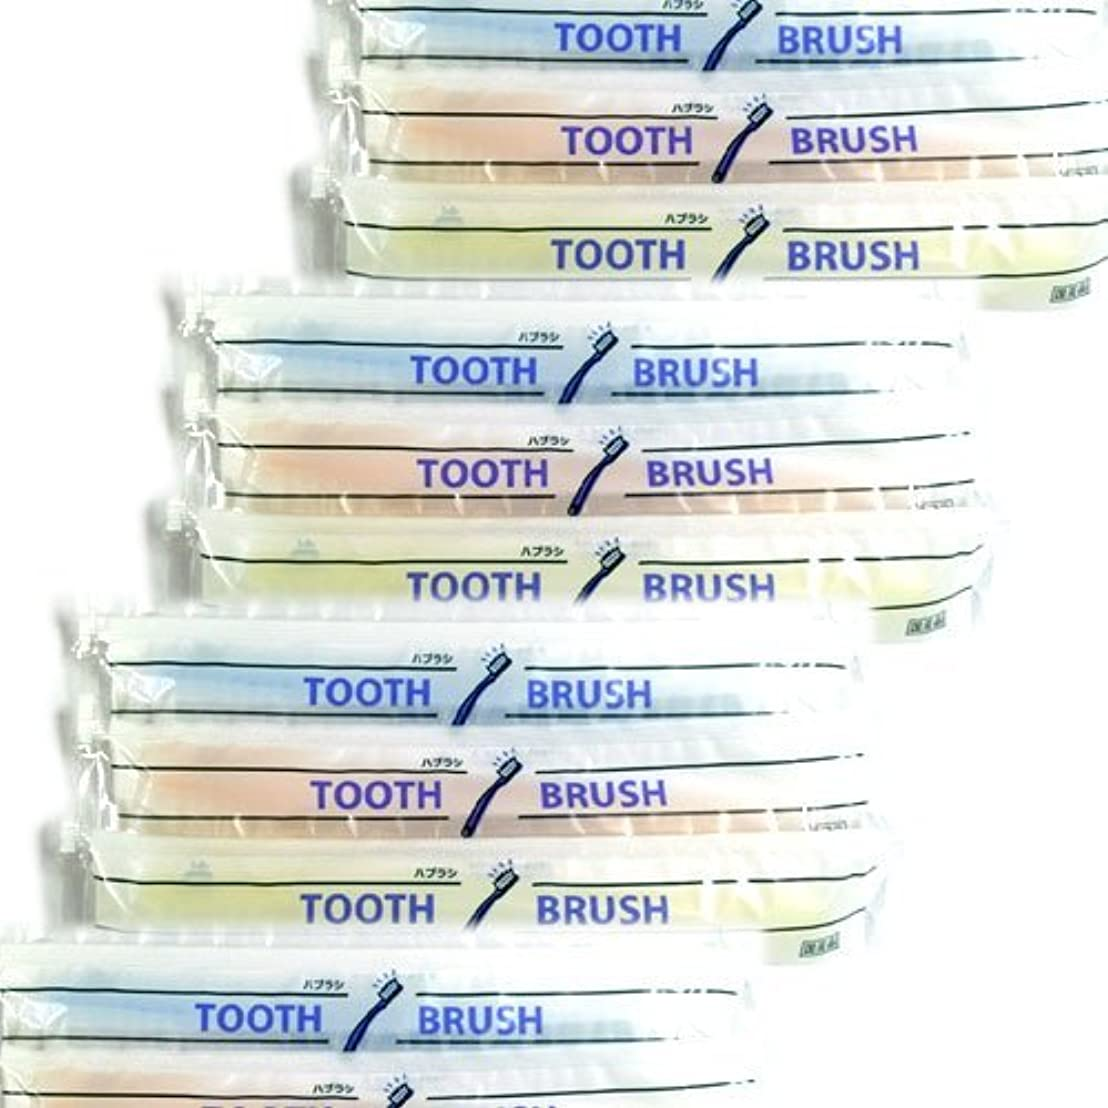 海港軍隊テキストホテルアメニティ 業務用 使い捨て(インスタント) 粉付き歯ブラシ × 30個セット